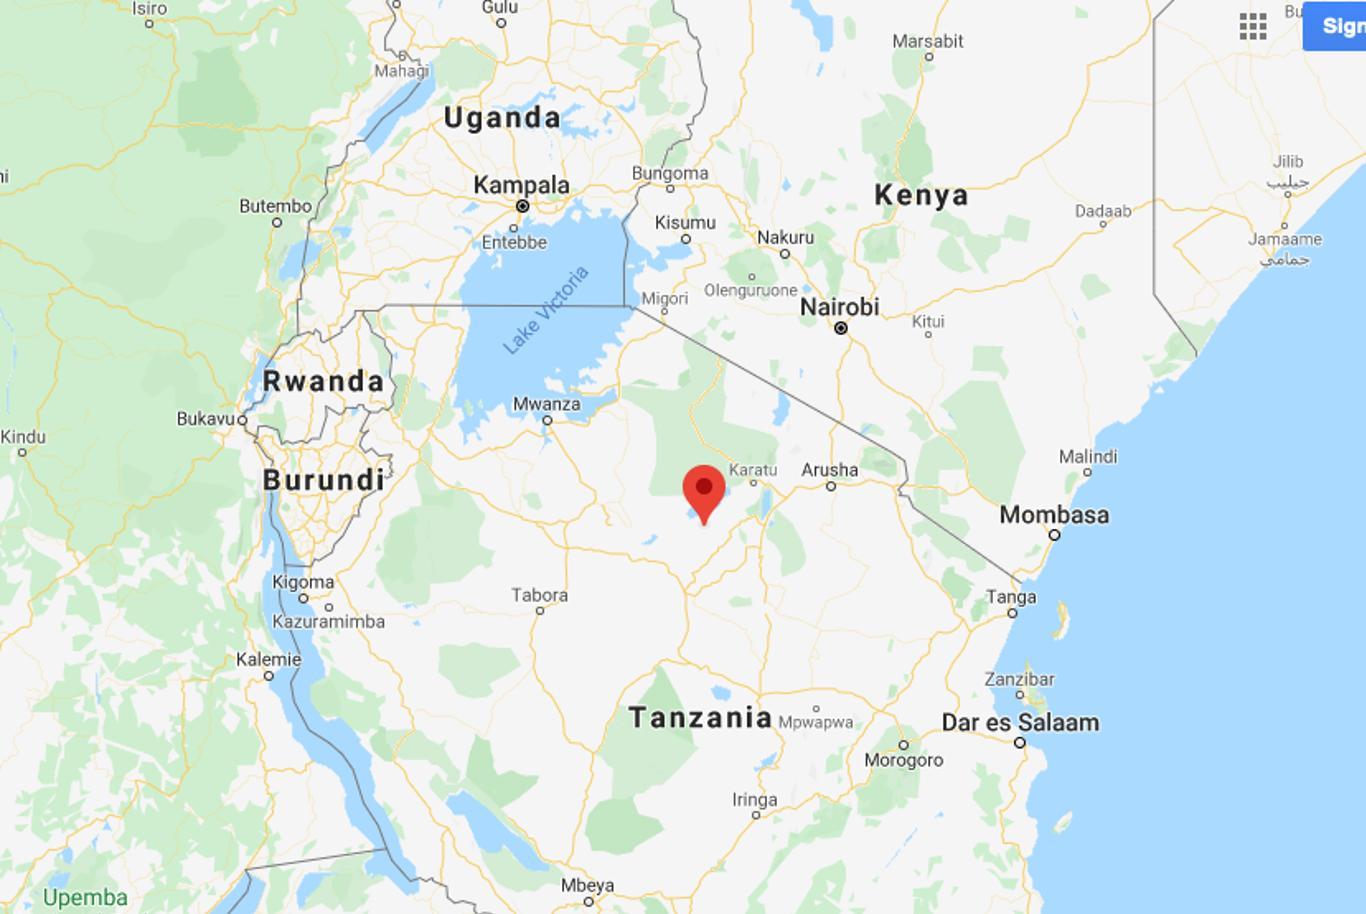 Vom angestrebten Waldschutz in denDistrikten Mbulu und Karatu in Nordtansania profitieren letztlich alle.